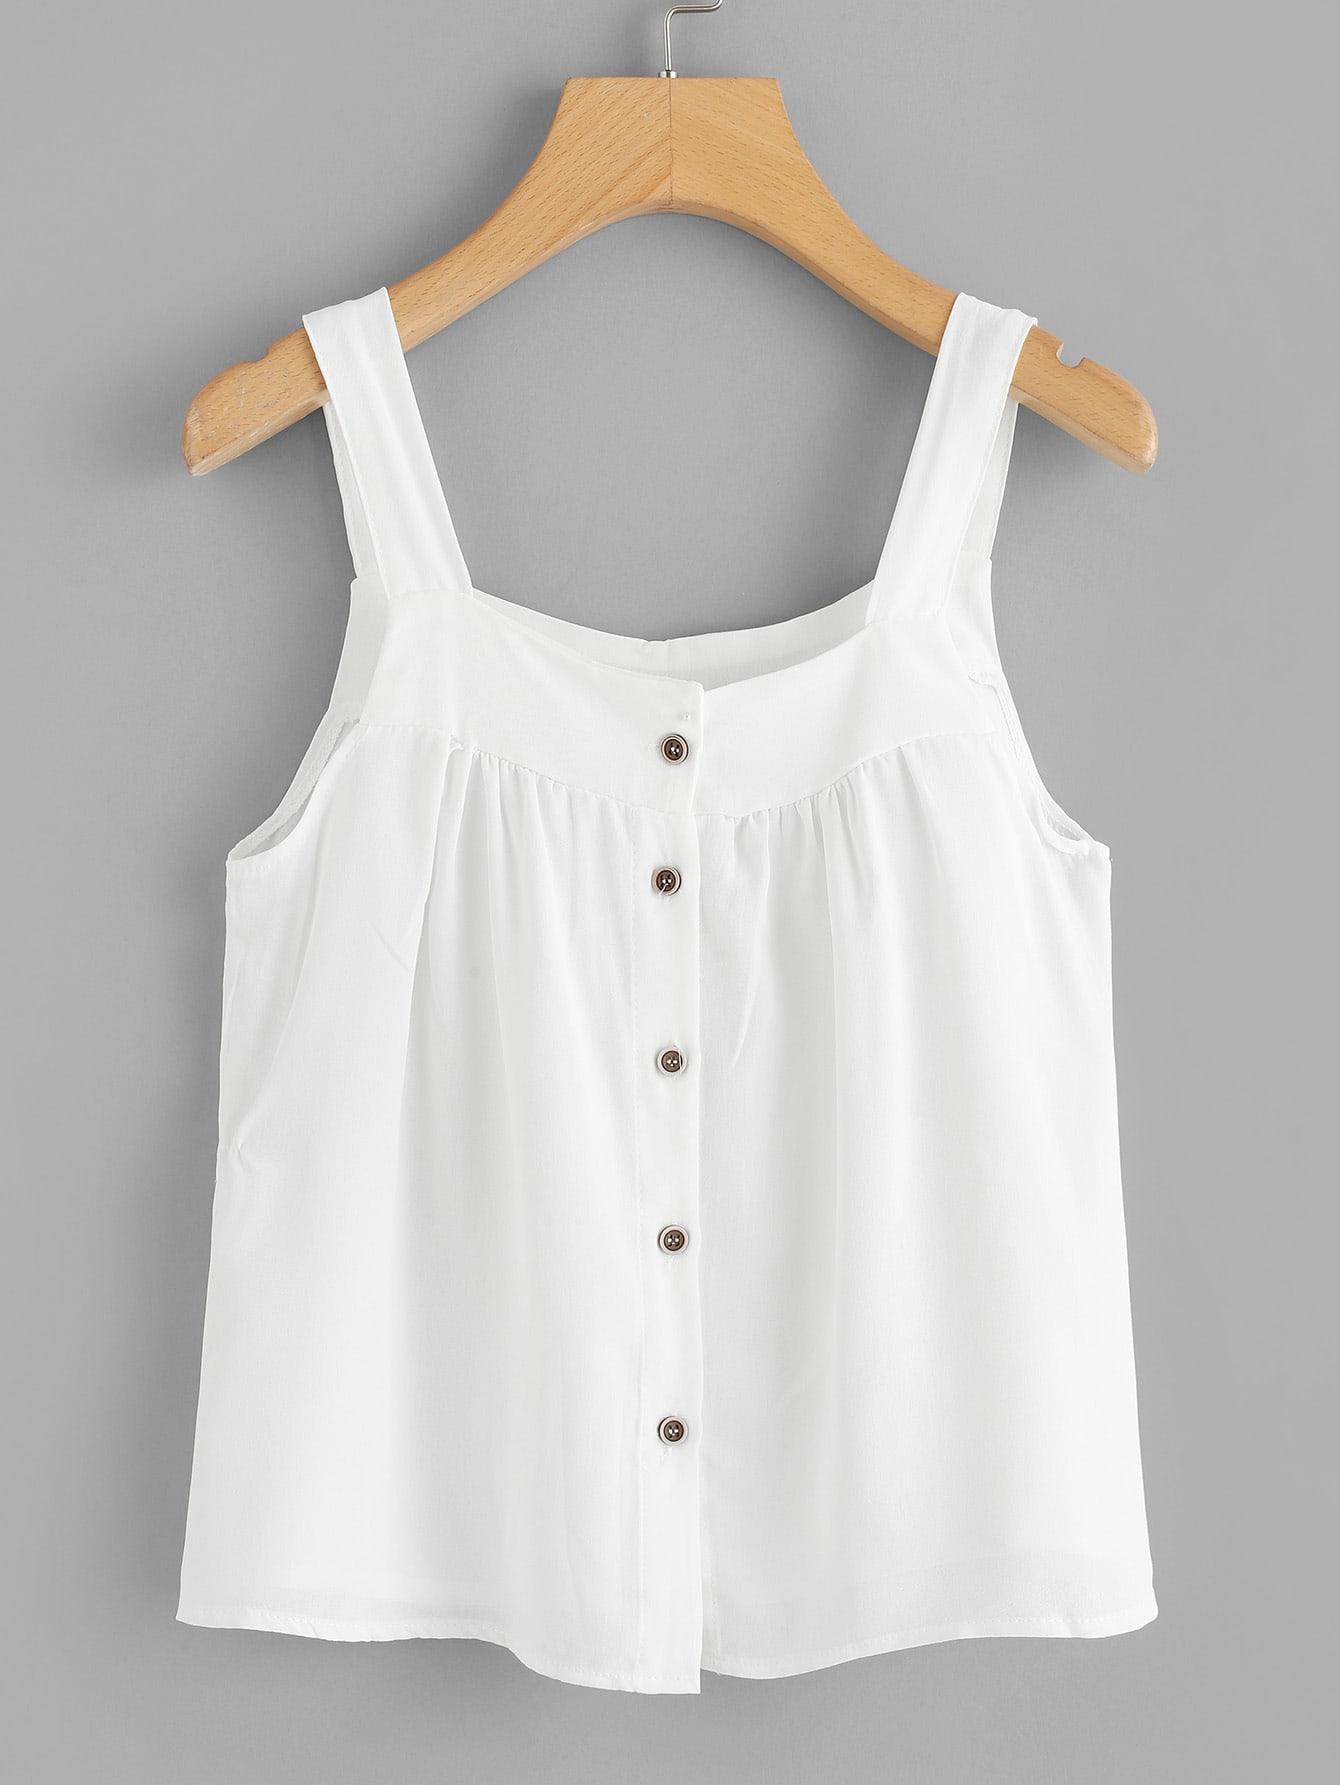 Купить Повседневный Одноцветный Пуговица Белый Блузы+рубашки, null, SheIn